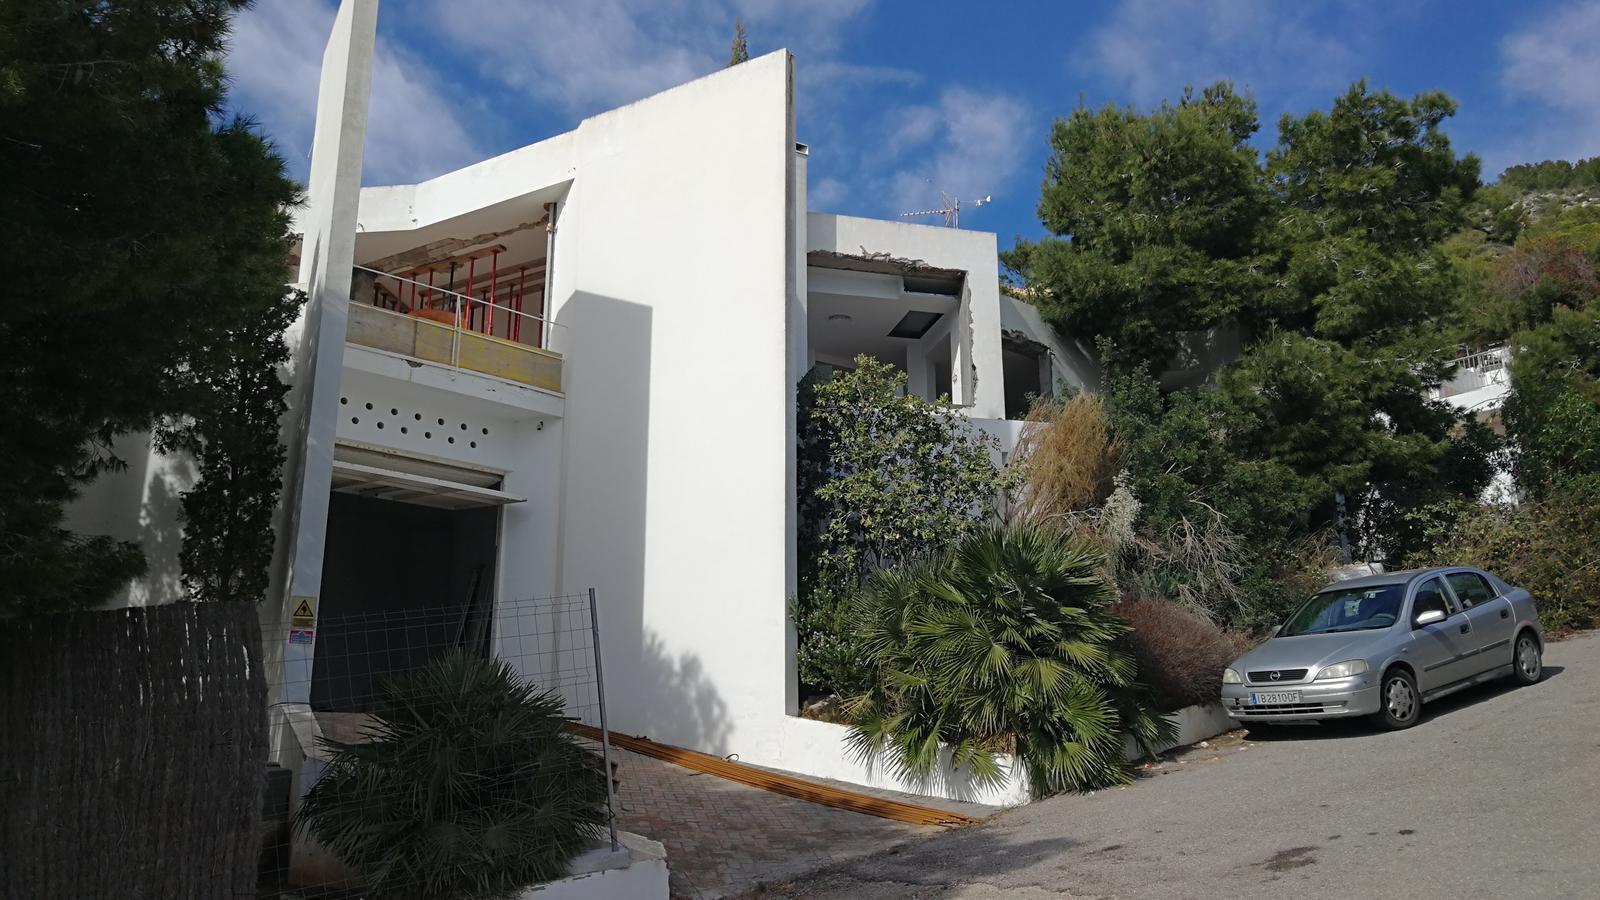 L'Ajuntament de Santa Eulària sancionarà els propiteris de la casa Gili per les obres que hi estan portant a terme / SAVADOR ROIG/ARA